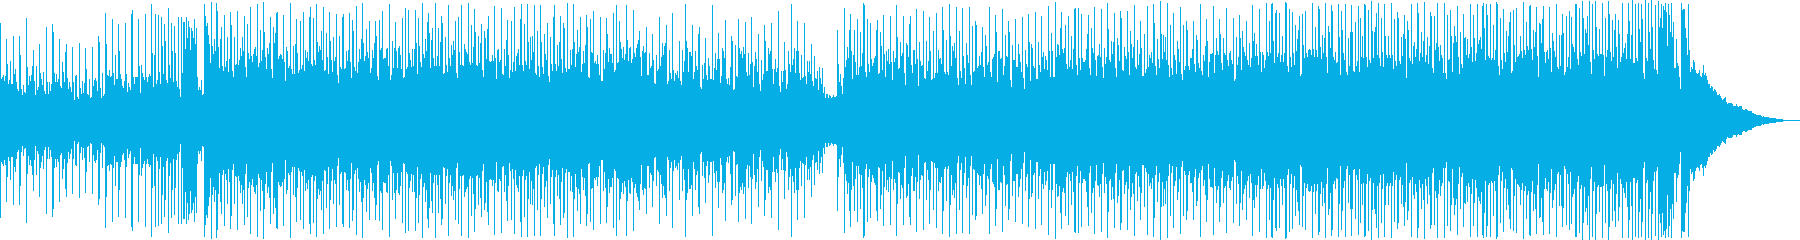 夏、海、夕日、少し切ないトロピカルハウスの再生済みの波形